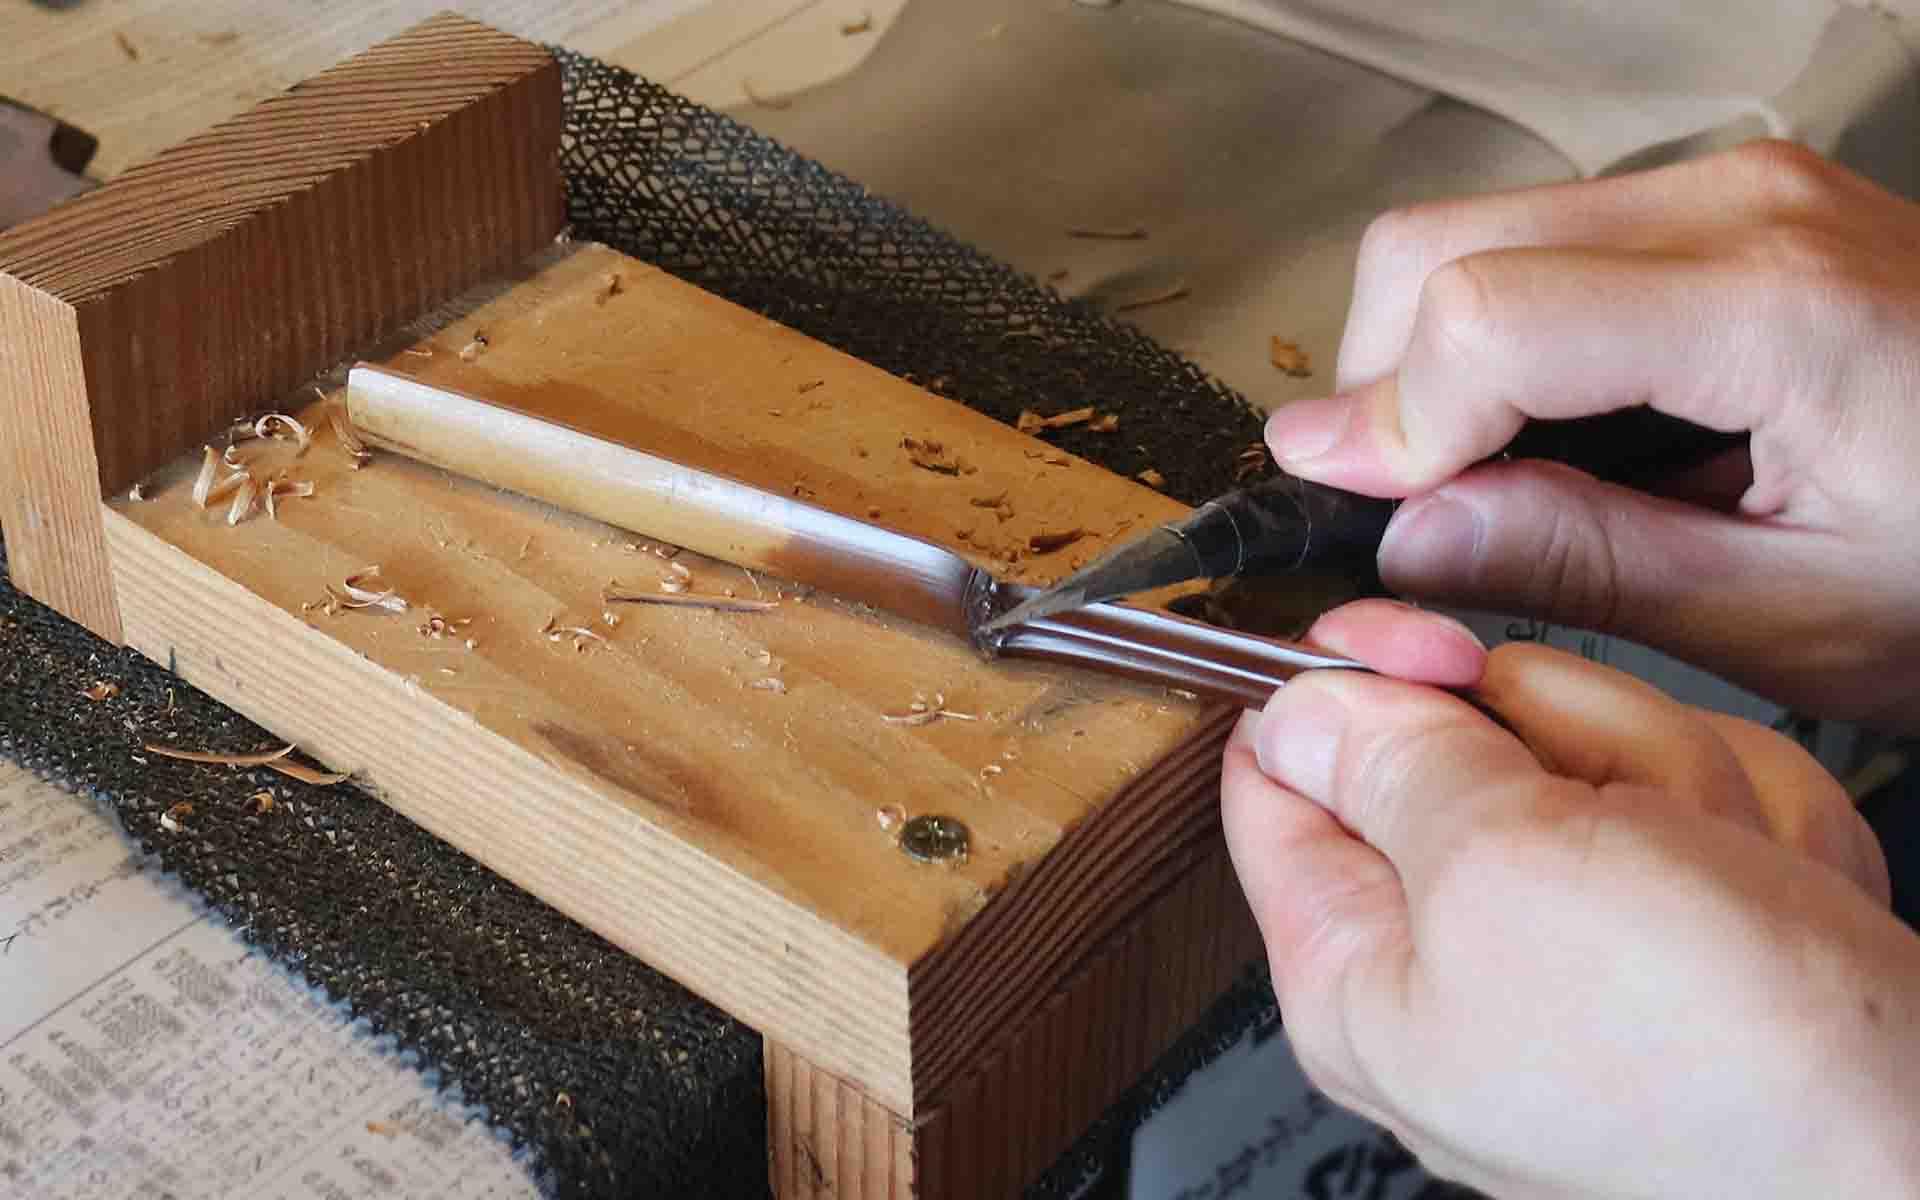 茶杓削り体験の様子